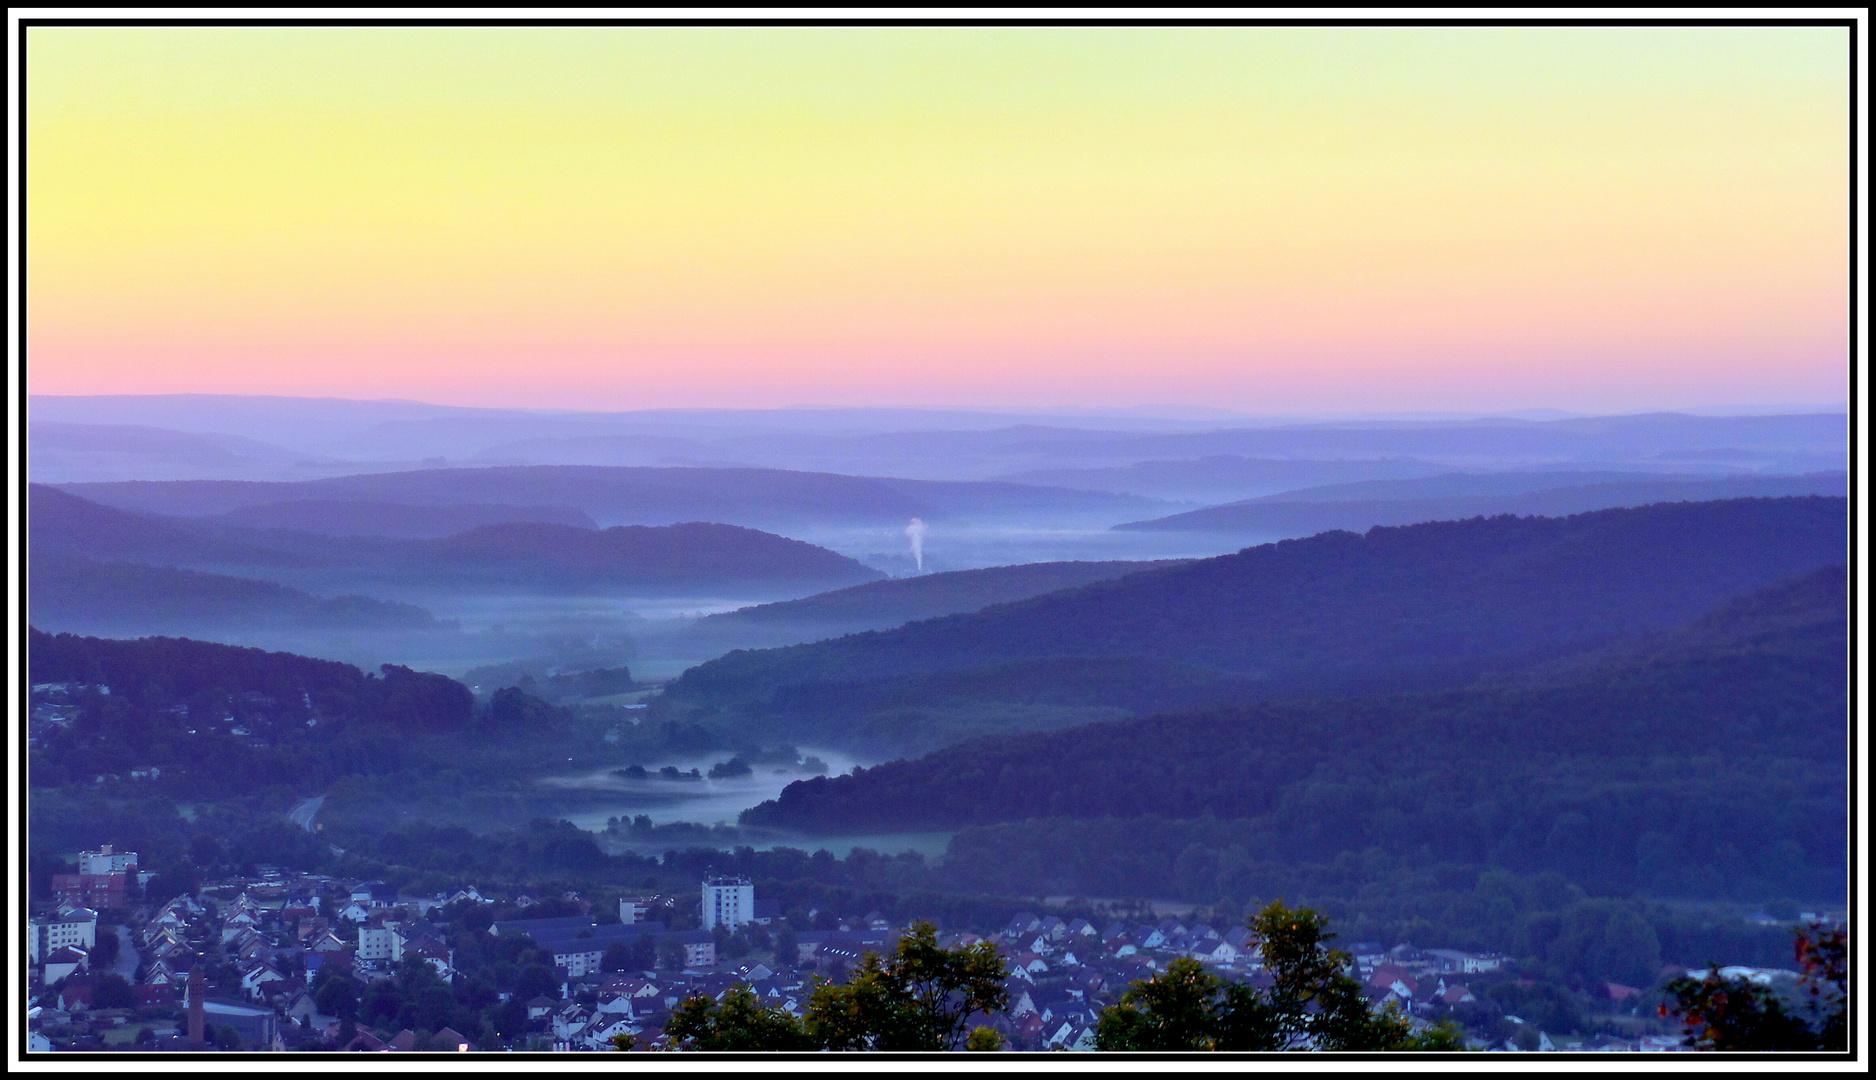 Bad Driburg im Morgennebel vor dem Sonnenaufgang